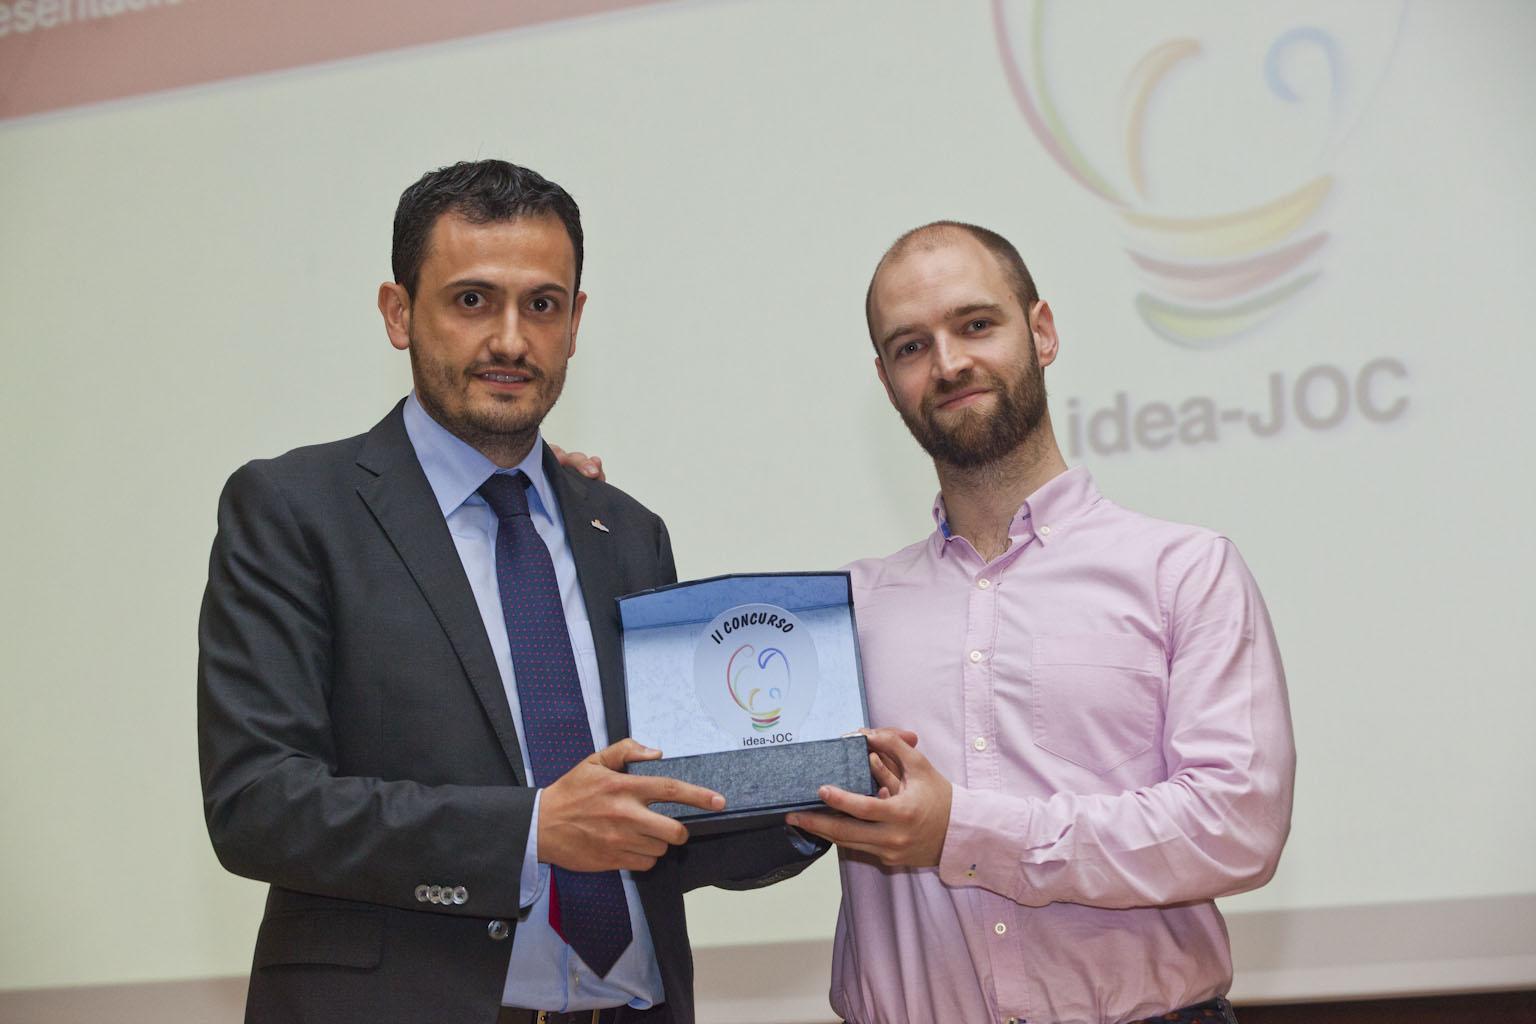 Iñaki Díez (eBingo) entregando el premio ideaJOC a Joel Santirso